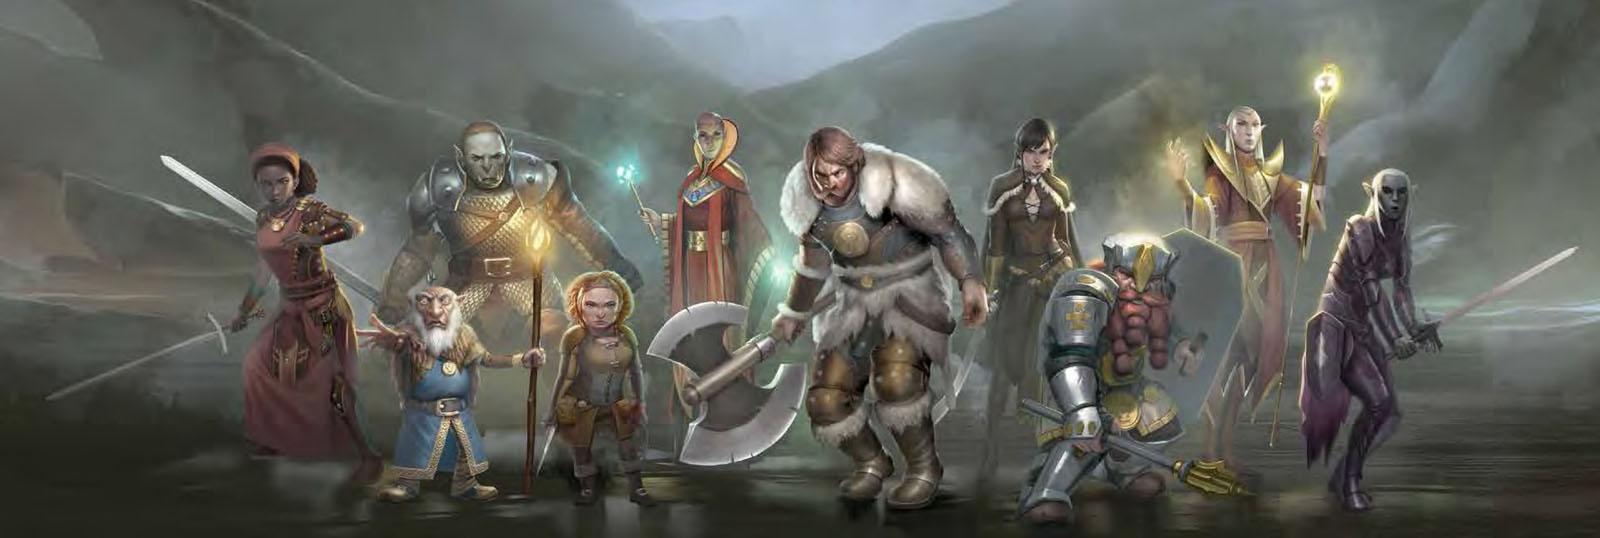 Connors Campaigns: D&D Races